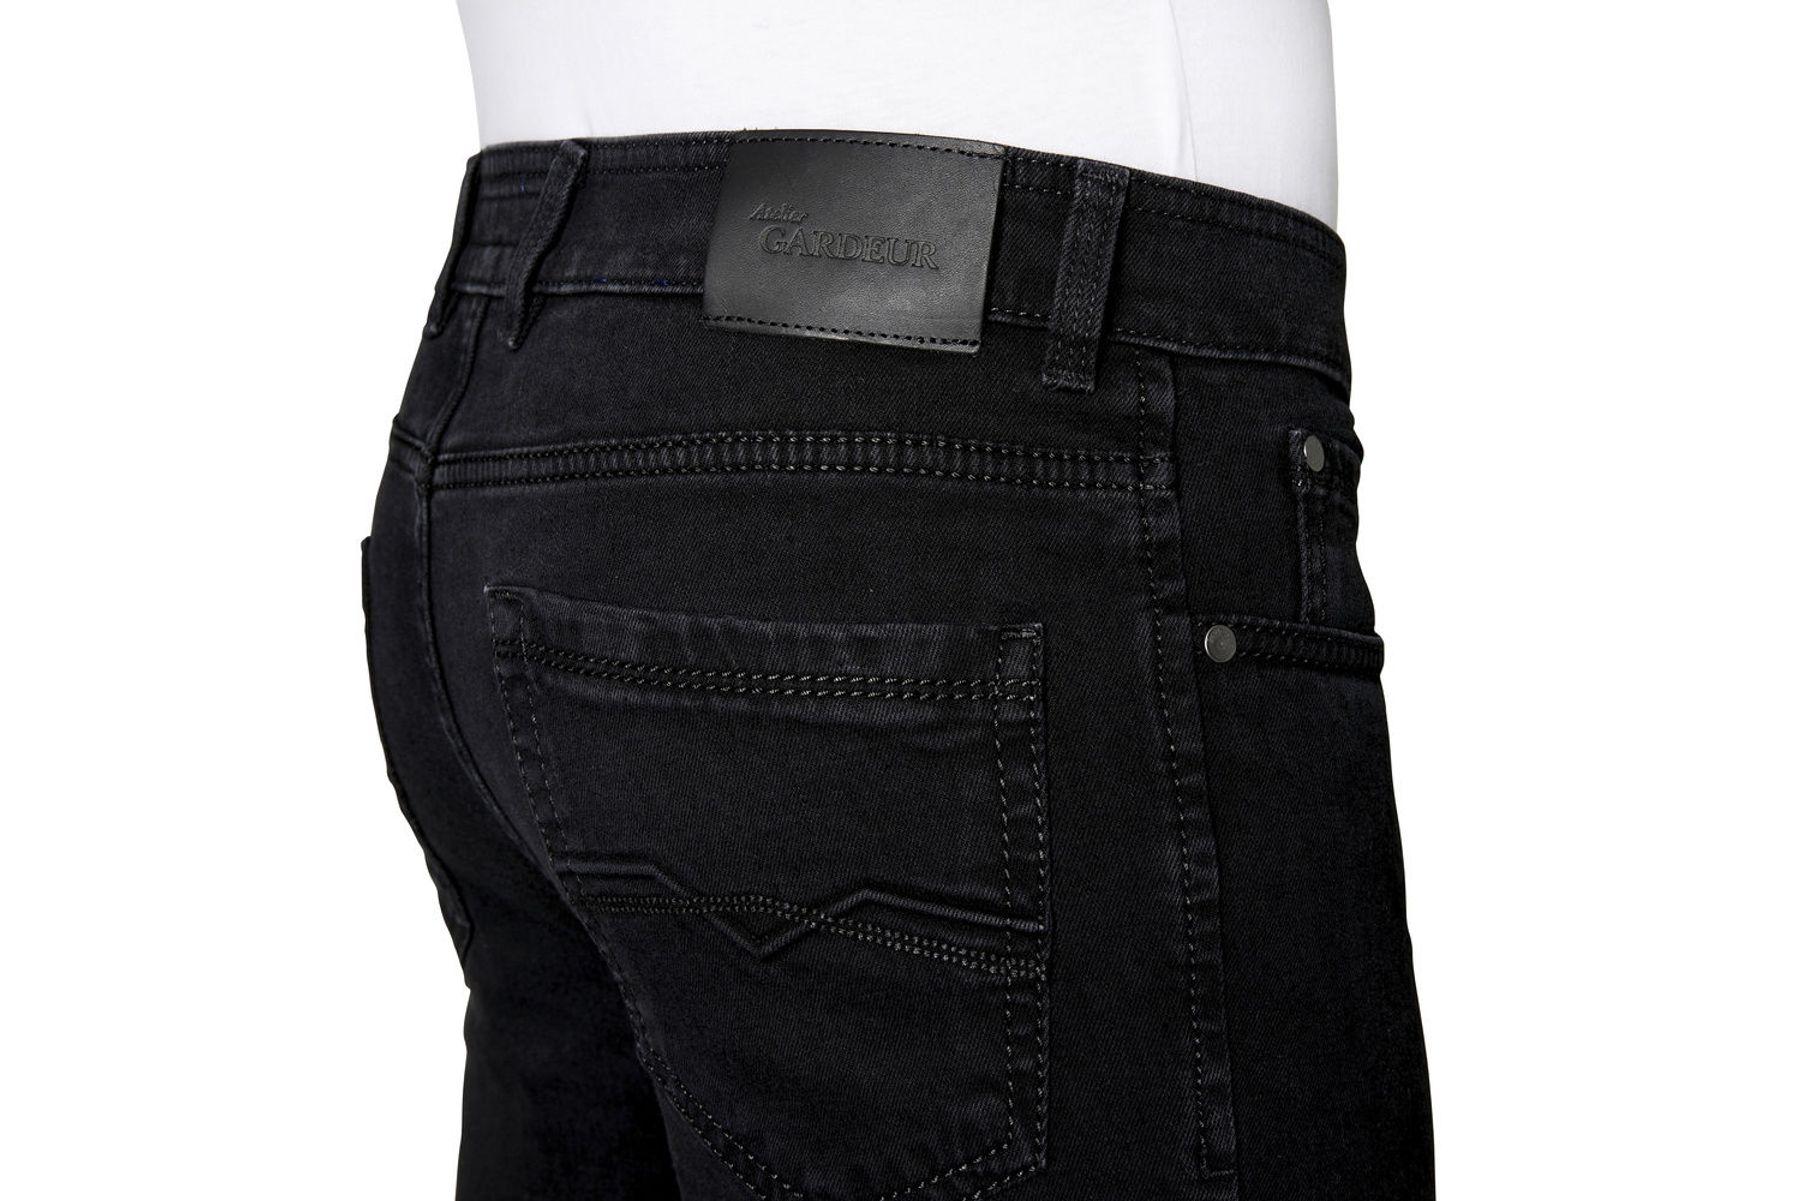 Atelier Gardeur - Herren 5-Pocket Jeans Superflex, BATU-2 (71001) – Bild 8